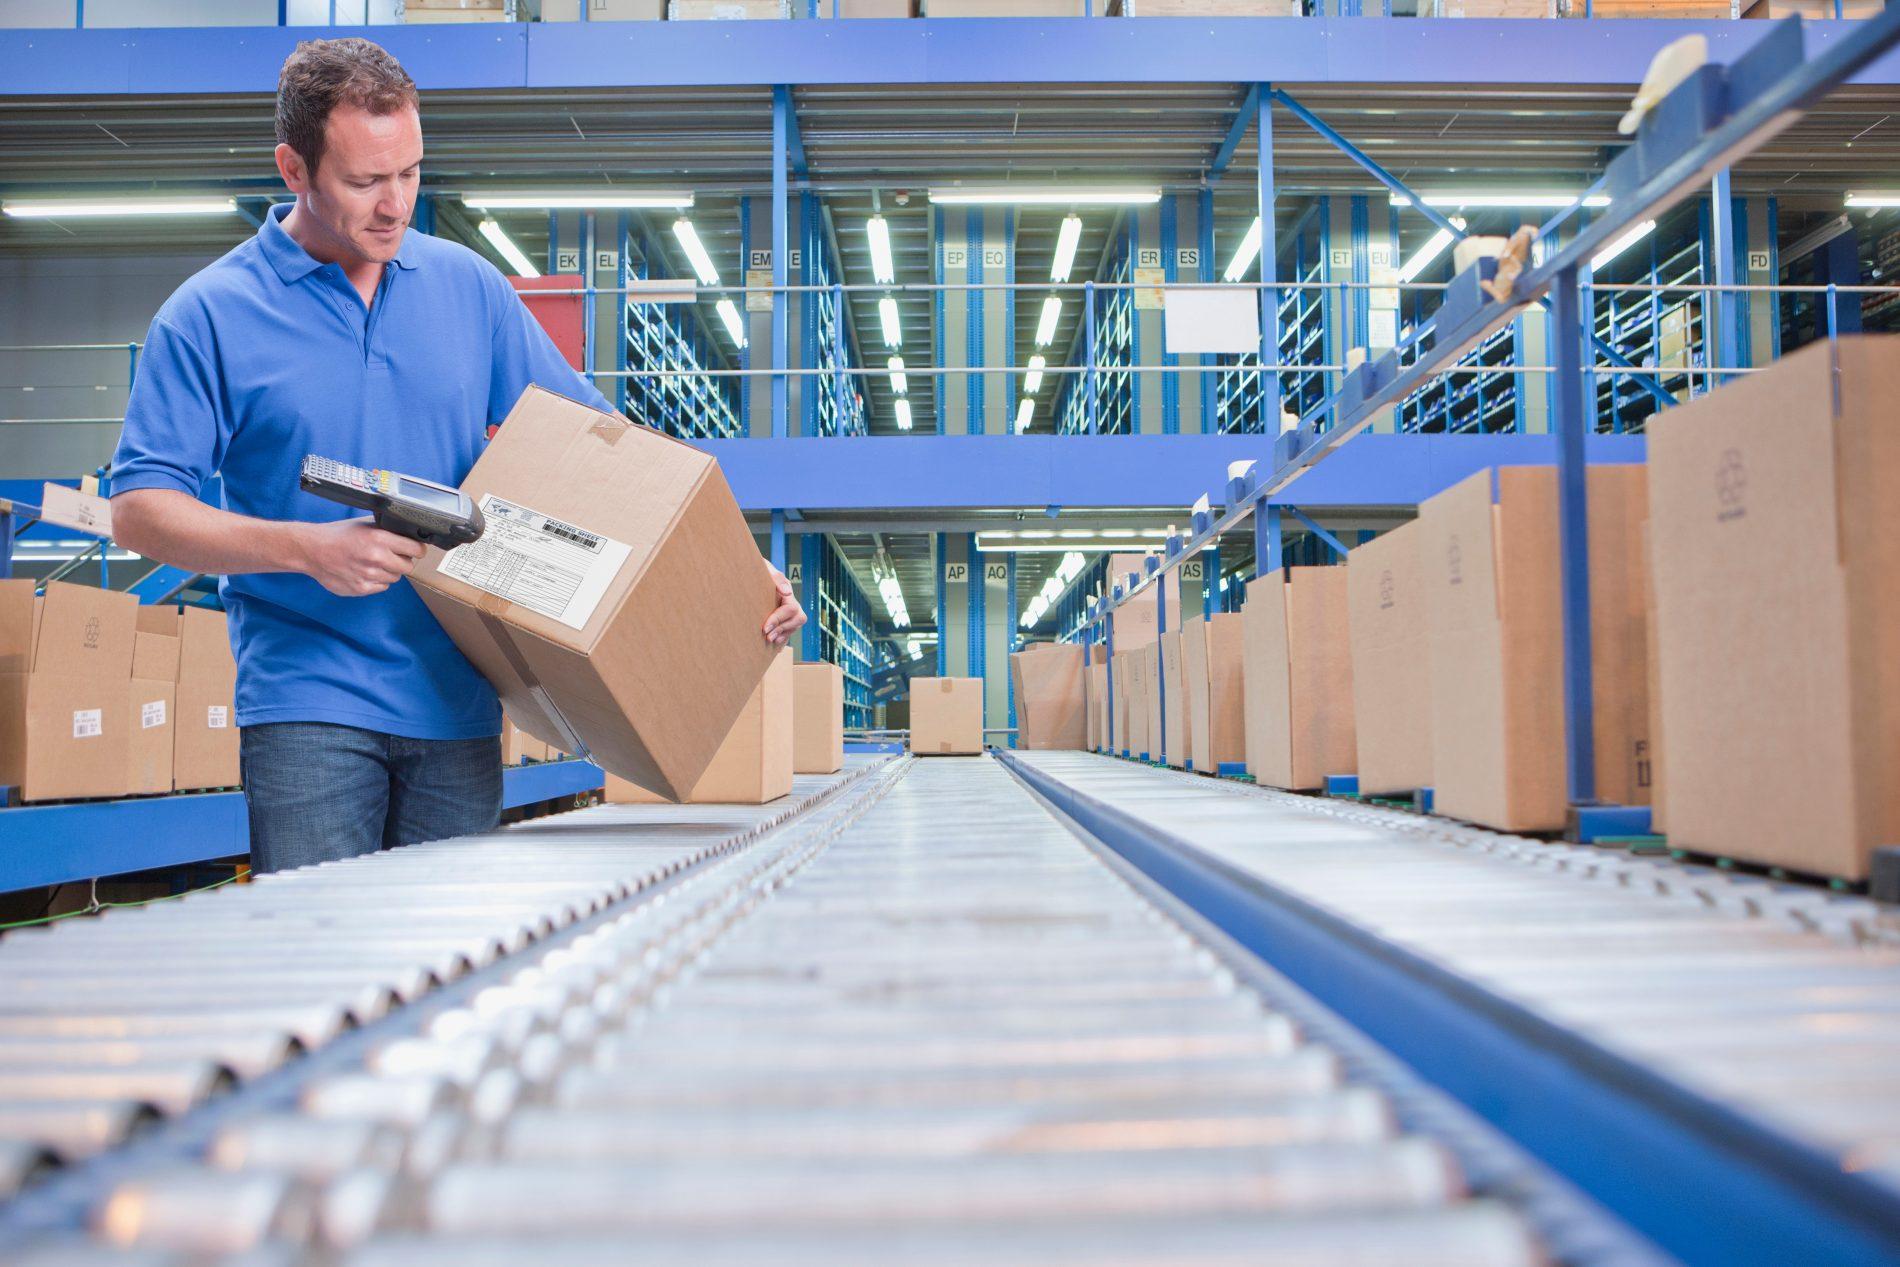 Lineaire Industrie Distributie Transport Lijnen Transport Pillen Group